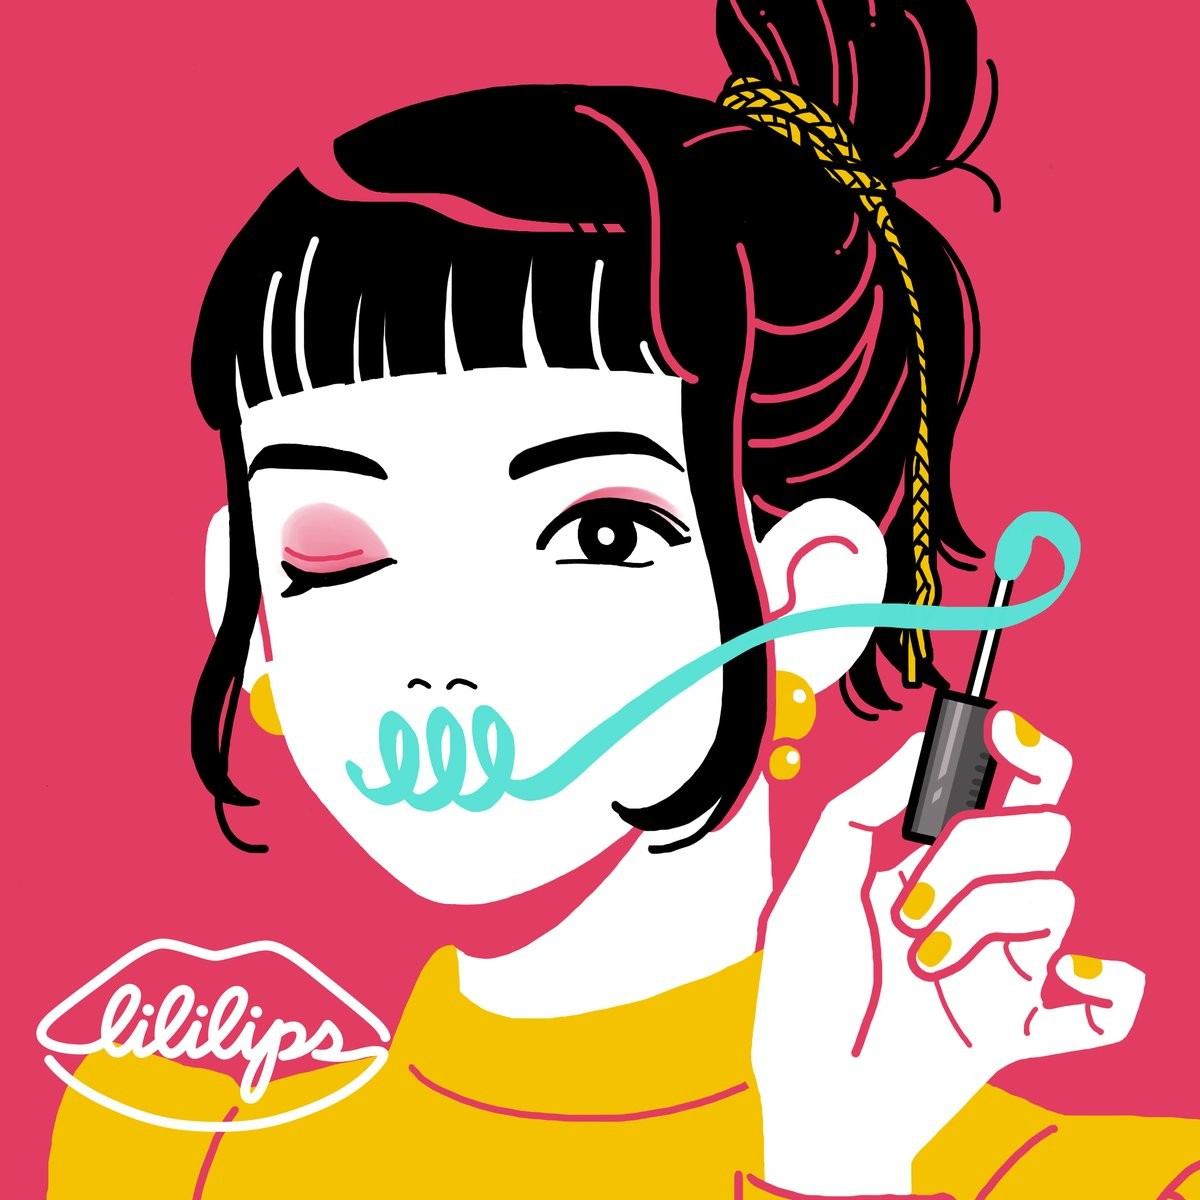 Lililips (リリリップス) – 目は口ほどに物を言うEP [MP3 320 / CD] [2018.10.24]